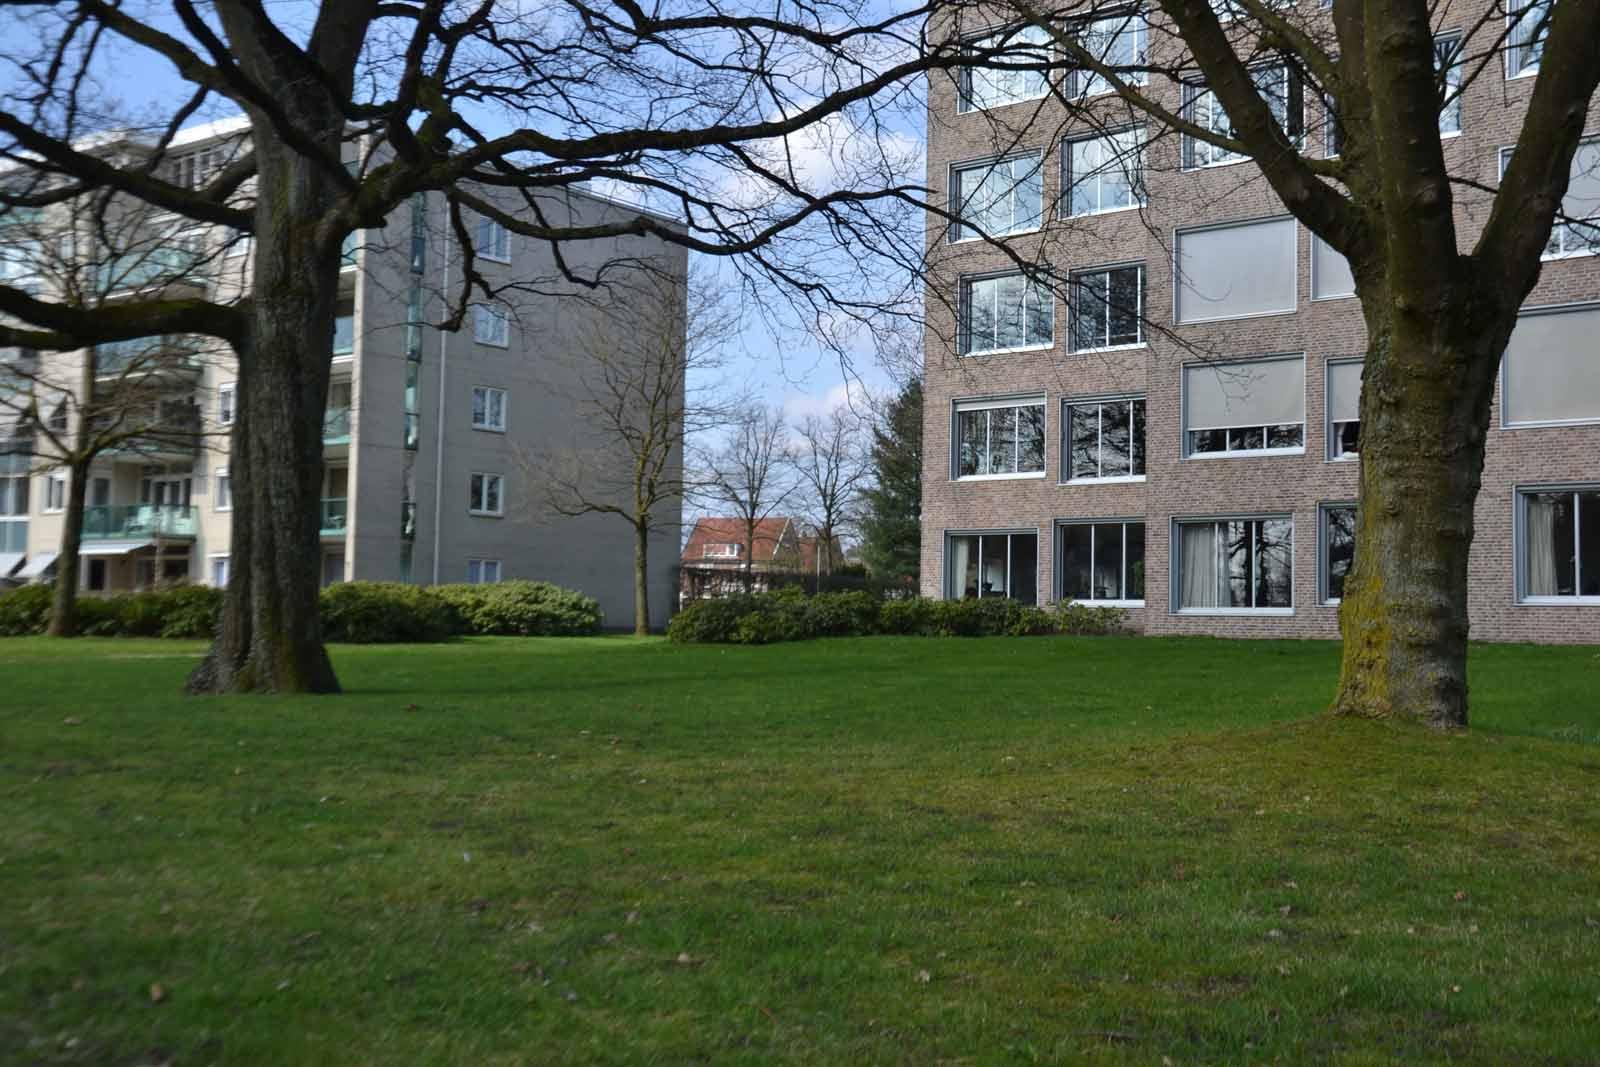 Diekman-landschapsarchitecten_-GGD-terrein-Apeldoorn_Claus-en-Kaan-archietceten_foto7